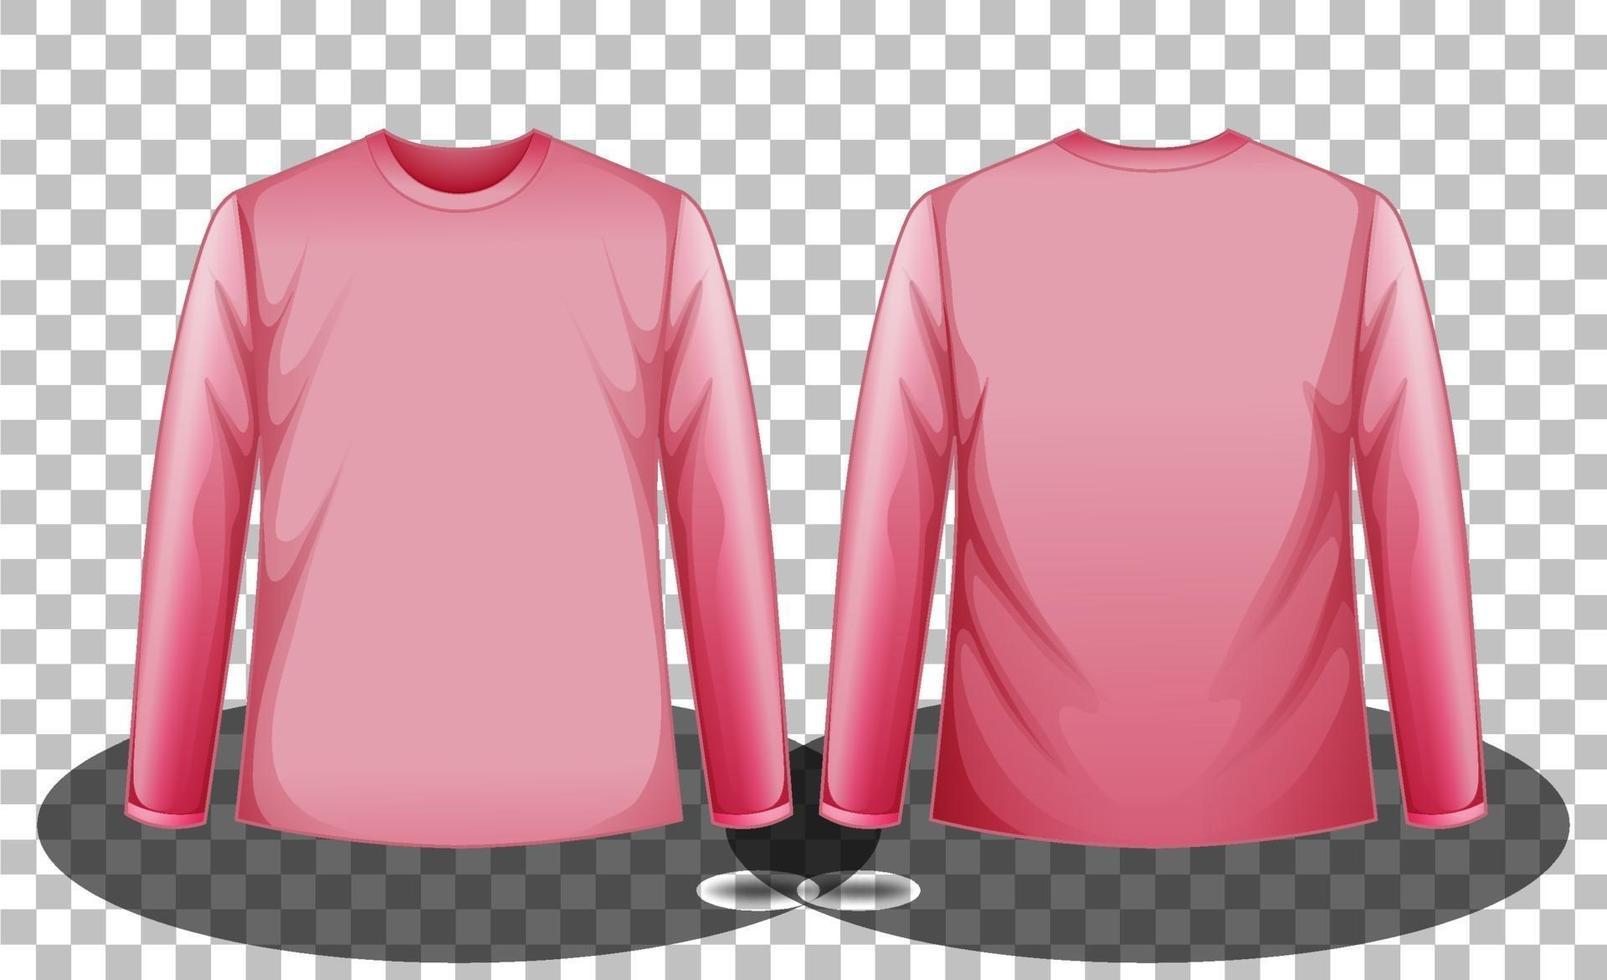 fram och bak på rosa långärmade t-shirt på transparent bakgrund vektor